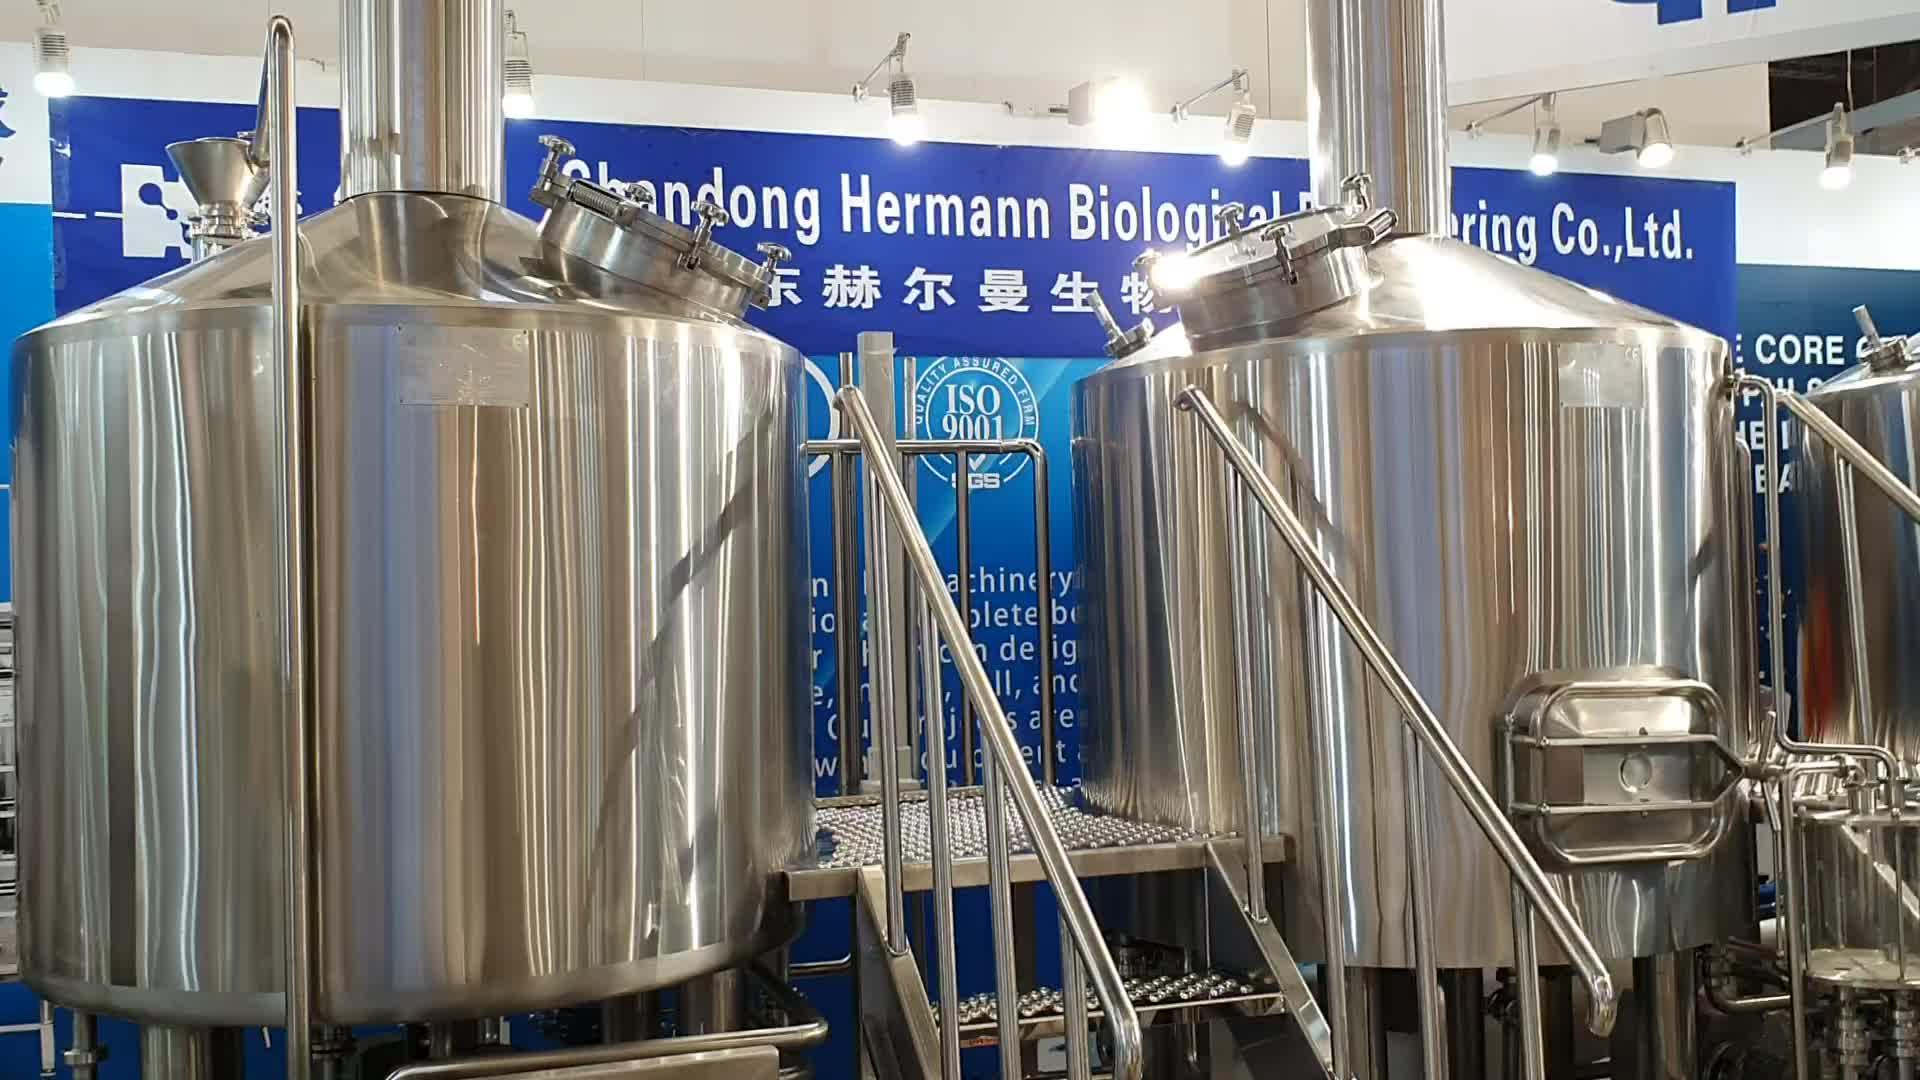 स्टेनलेस स्टील शराब की भठ्ठी उपकरण बीयर पक टैंक सेवित 200L500L1000L माइक्रो शराब की भठ्ठी के लिए बीयर उपकरण